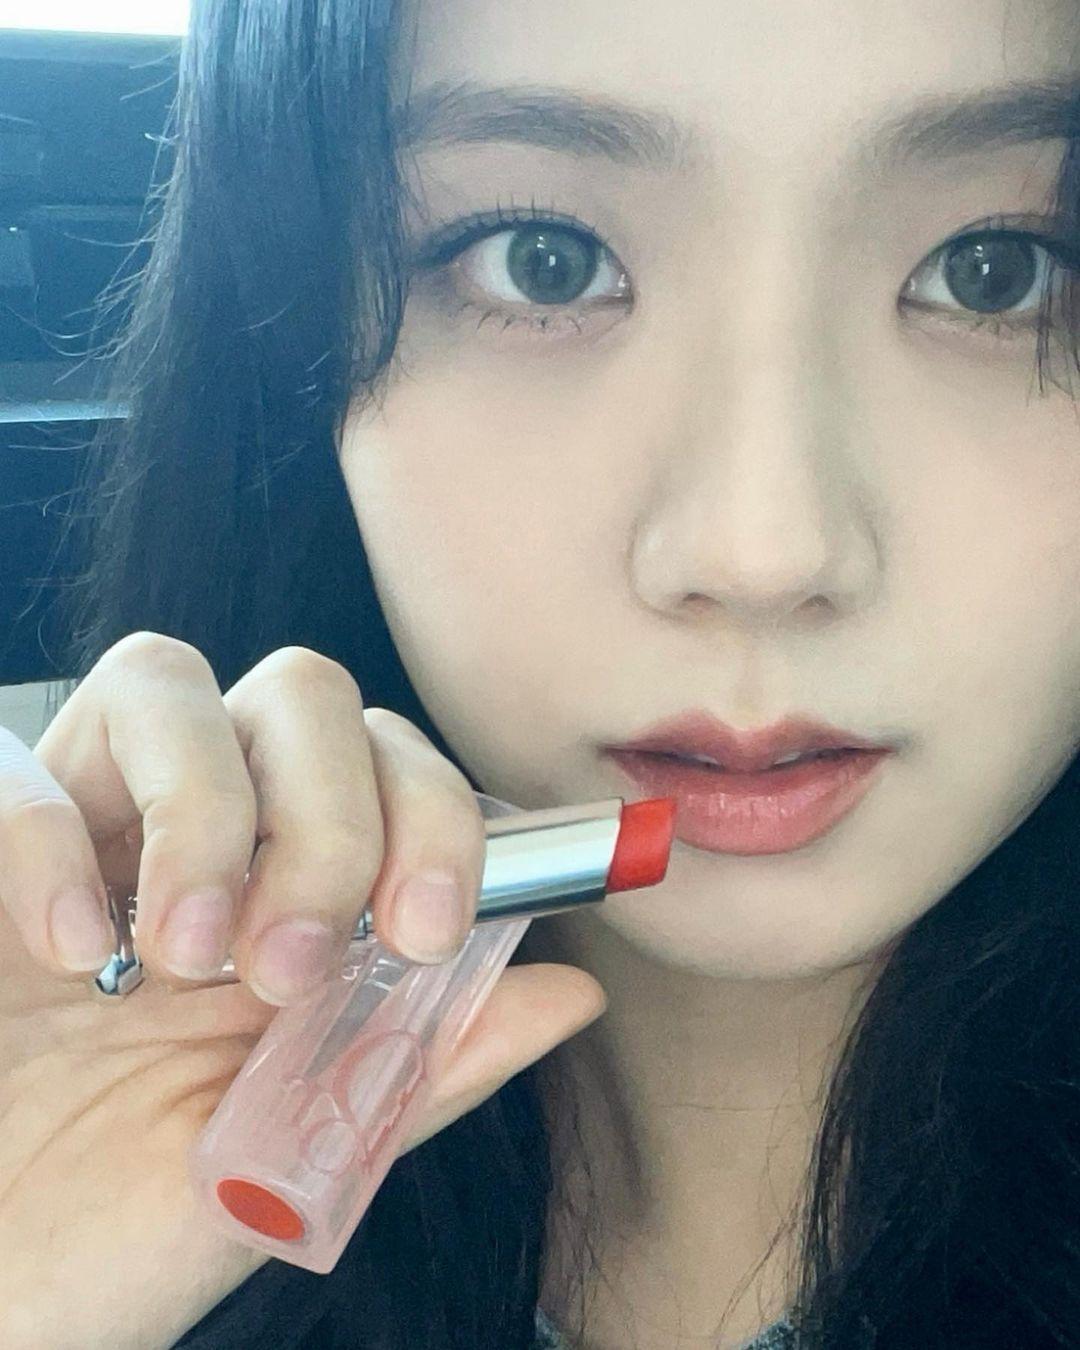 Cùng quảng cáo son mới của Dior, Angelababy được ưu ái hơn Jisoo (BLACKPINK)? ảnh 2